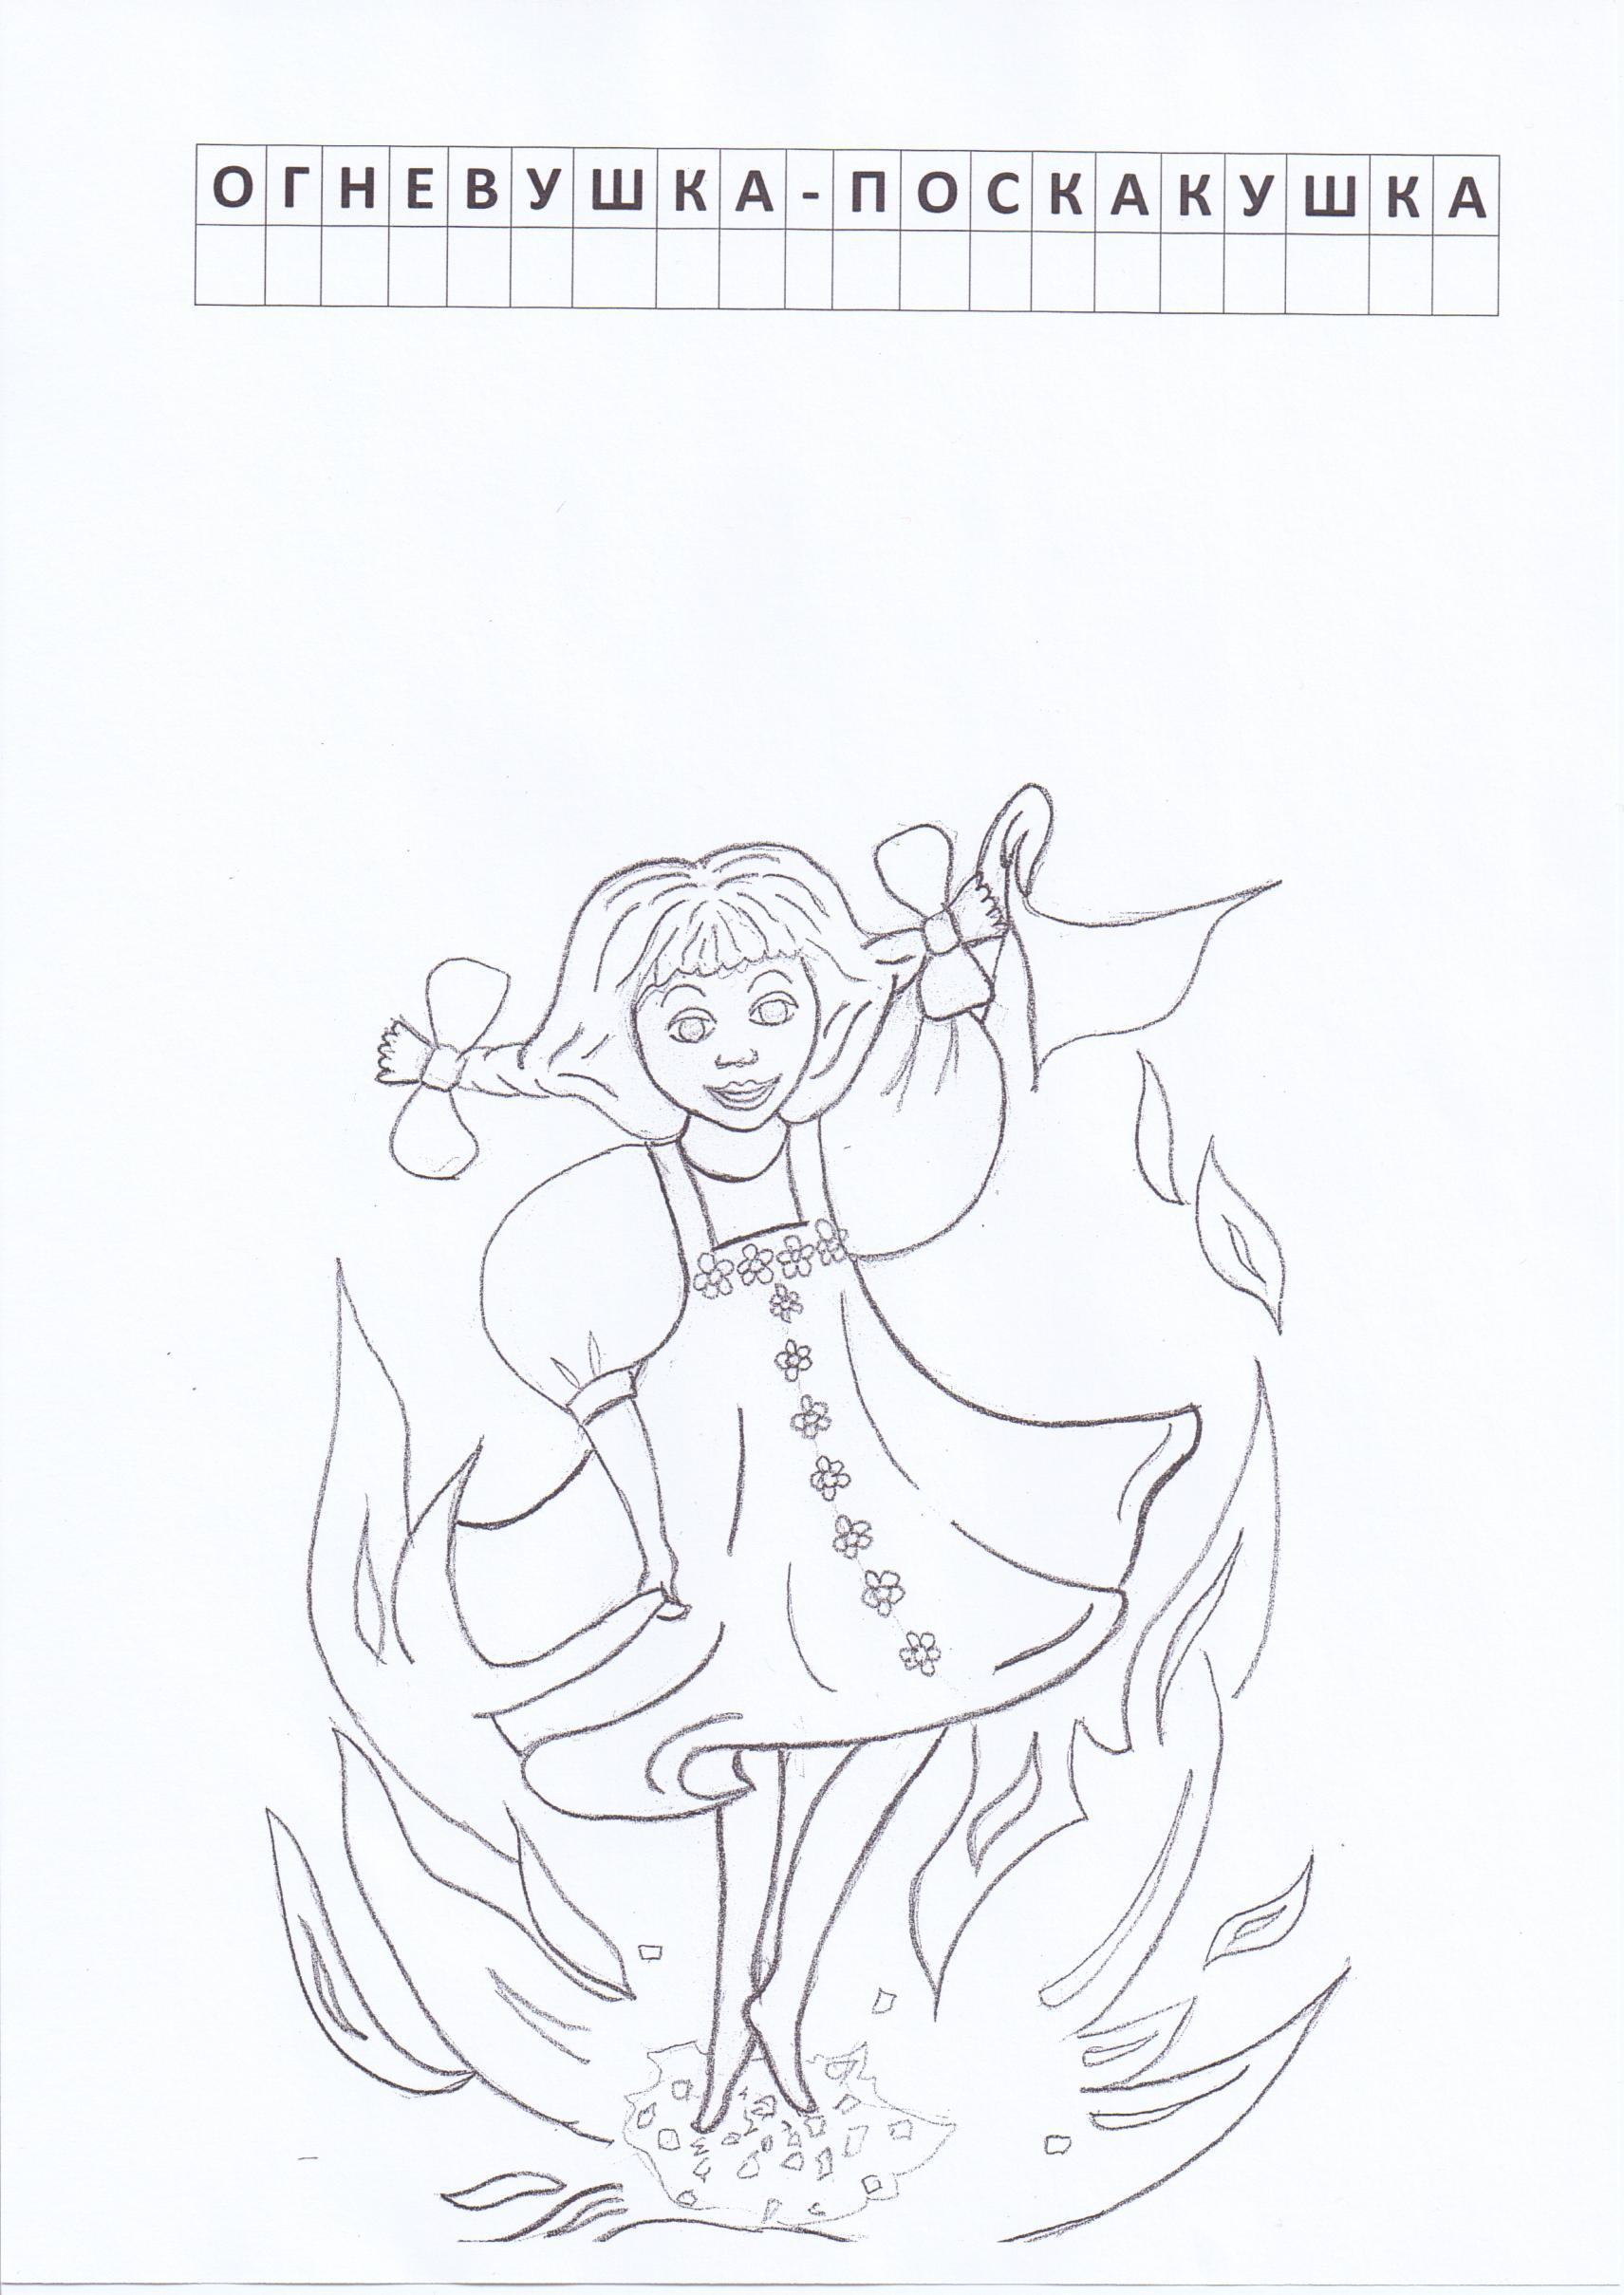 C:\Users\User\Desktop\ОГН.ПОСК. на интернет конкурс\Раскраска Огневушка - поскакушка.tif